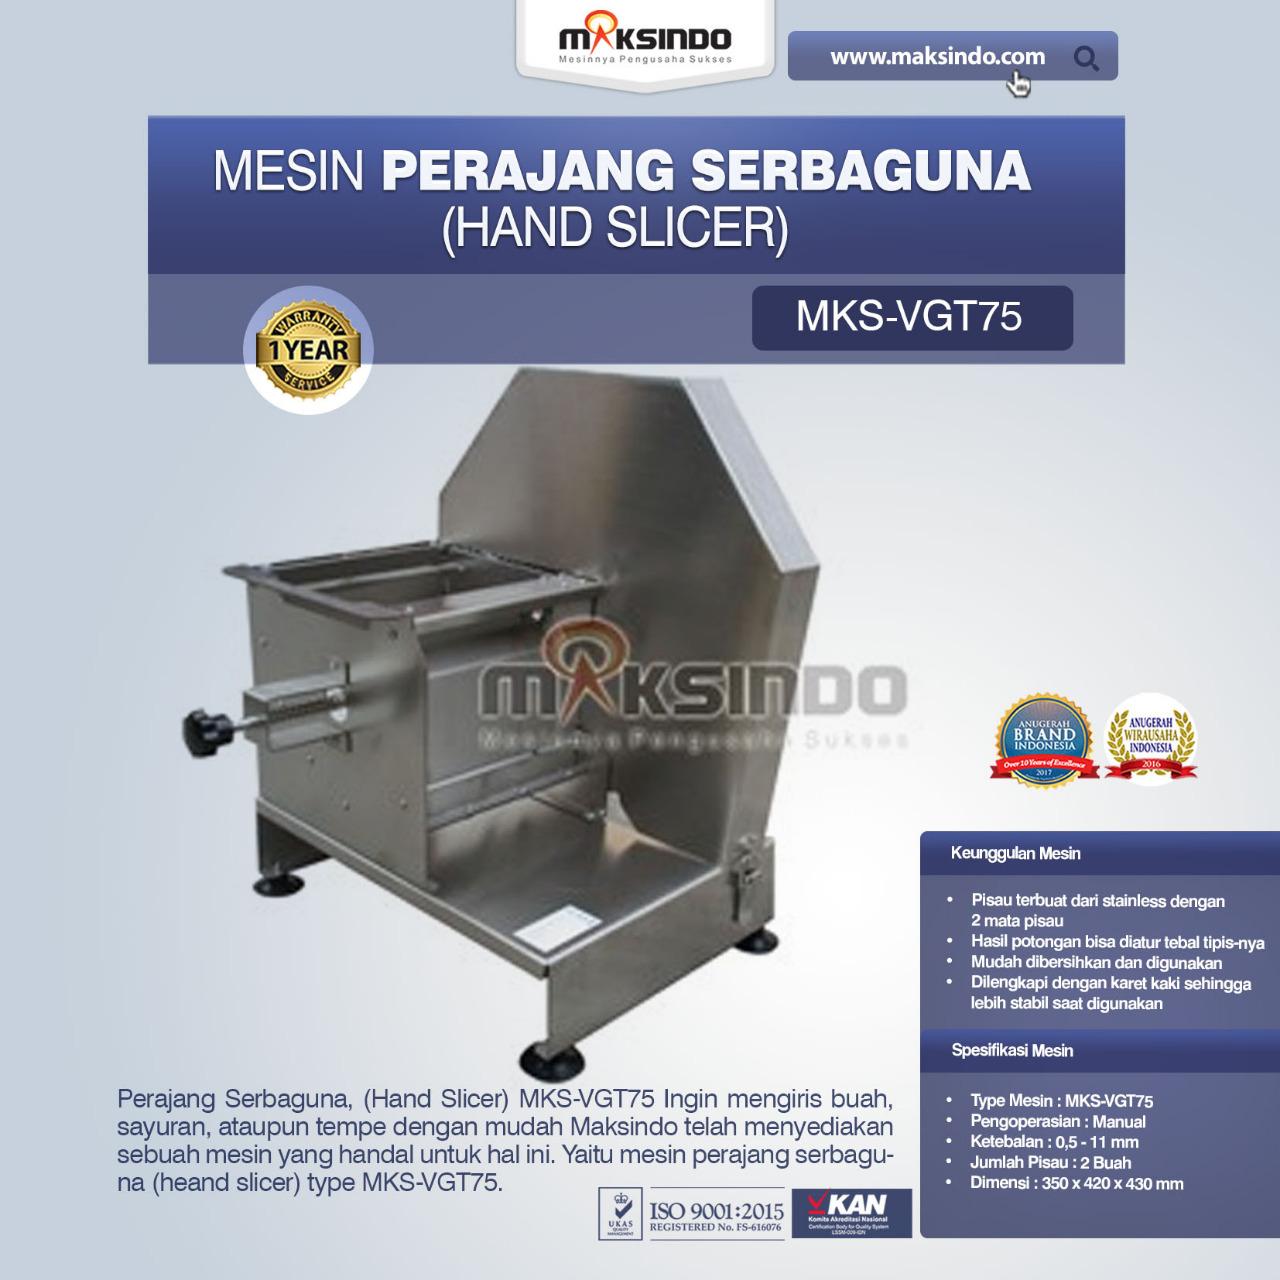 Jual Perajang Serbaguna (Hand Slicer) MKS-VGT75 di Pekanbaru